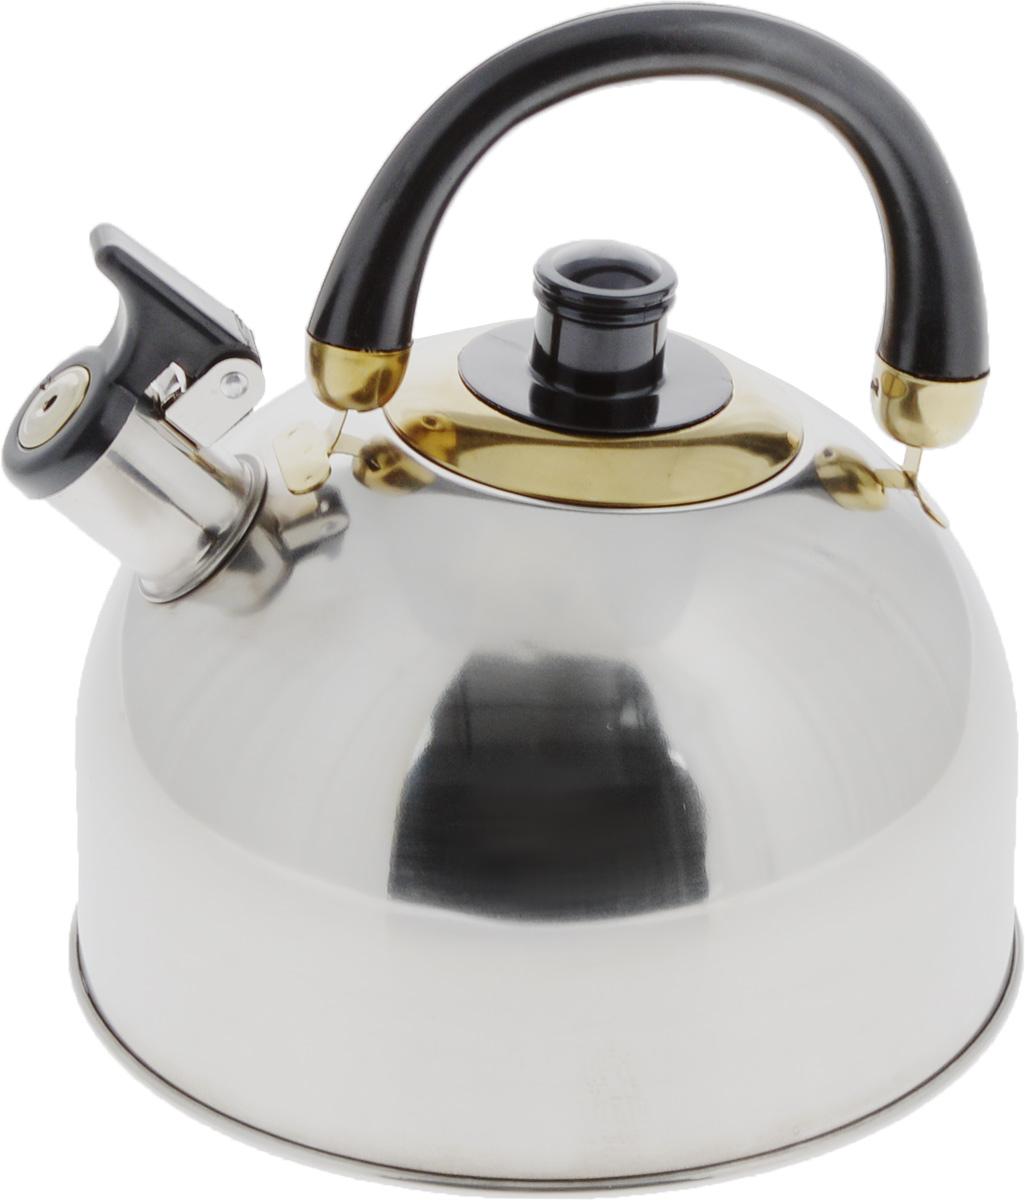 Чайник Mayer & Boch, со свистком, цвет: стальной, золотистый, черный, 4 л. 10461046chЧайник Mayer & Boch выполнен из высококачественнойнержавеющей стали, что делаетего весьма гигиеничным и устойчивым к износу при длительномиспользовании.Капсулированное дно с прослойкой из алюминия обеспечиваетнаилучшее распределение тепла.Носик чайника оснащен насадкой-свистком, что позволит вамконтролировать процесс подогреваили кипячения воды. Подвижная ручка, изготовленная избакелита, делаетиспользование чайника очень удобным и безопасным.Поверхность гладкая, чтооблегчает уход за ним. Эстетичный и функциональный, с эксклюзивным дизайном,чайник будет оригинальносмотретьсяв любом интерьере.Подходит для газовых, электрических, стеклокерамических и галогеновых плит. Не подходит для индукционных плит. Можно мыть в посудомоечной машине.Высота чайника (без учета ручки и крышки): 13 см.Высота чайника (с учетом ручки и крышки): 21,5 см.Диаметр чайника (по верхнему краю): 8,5 см.